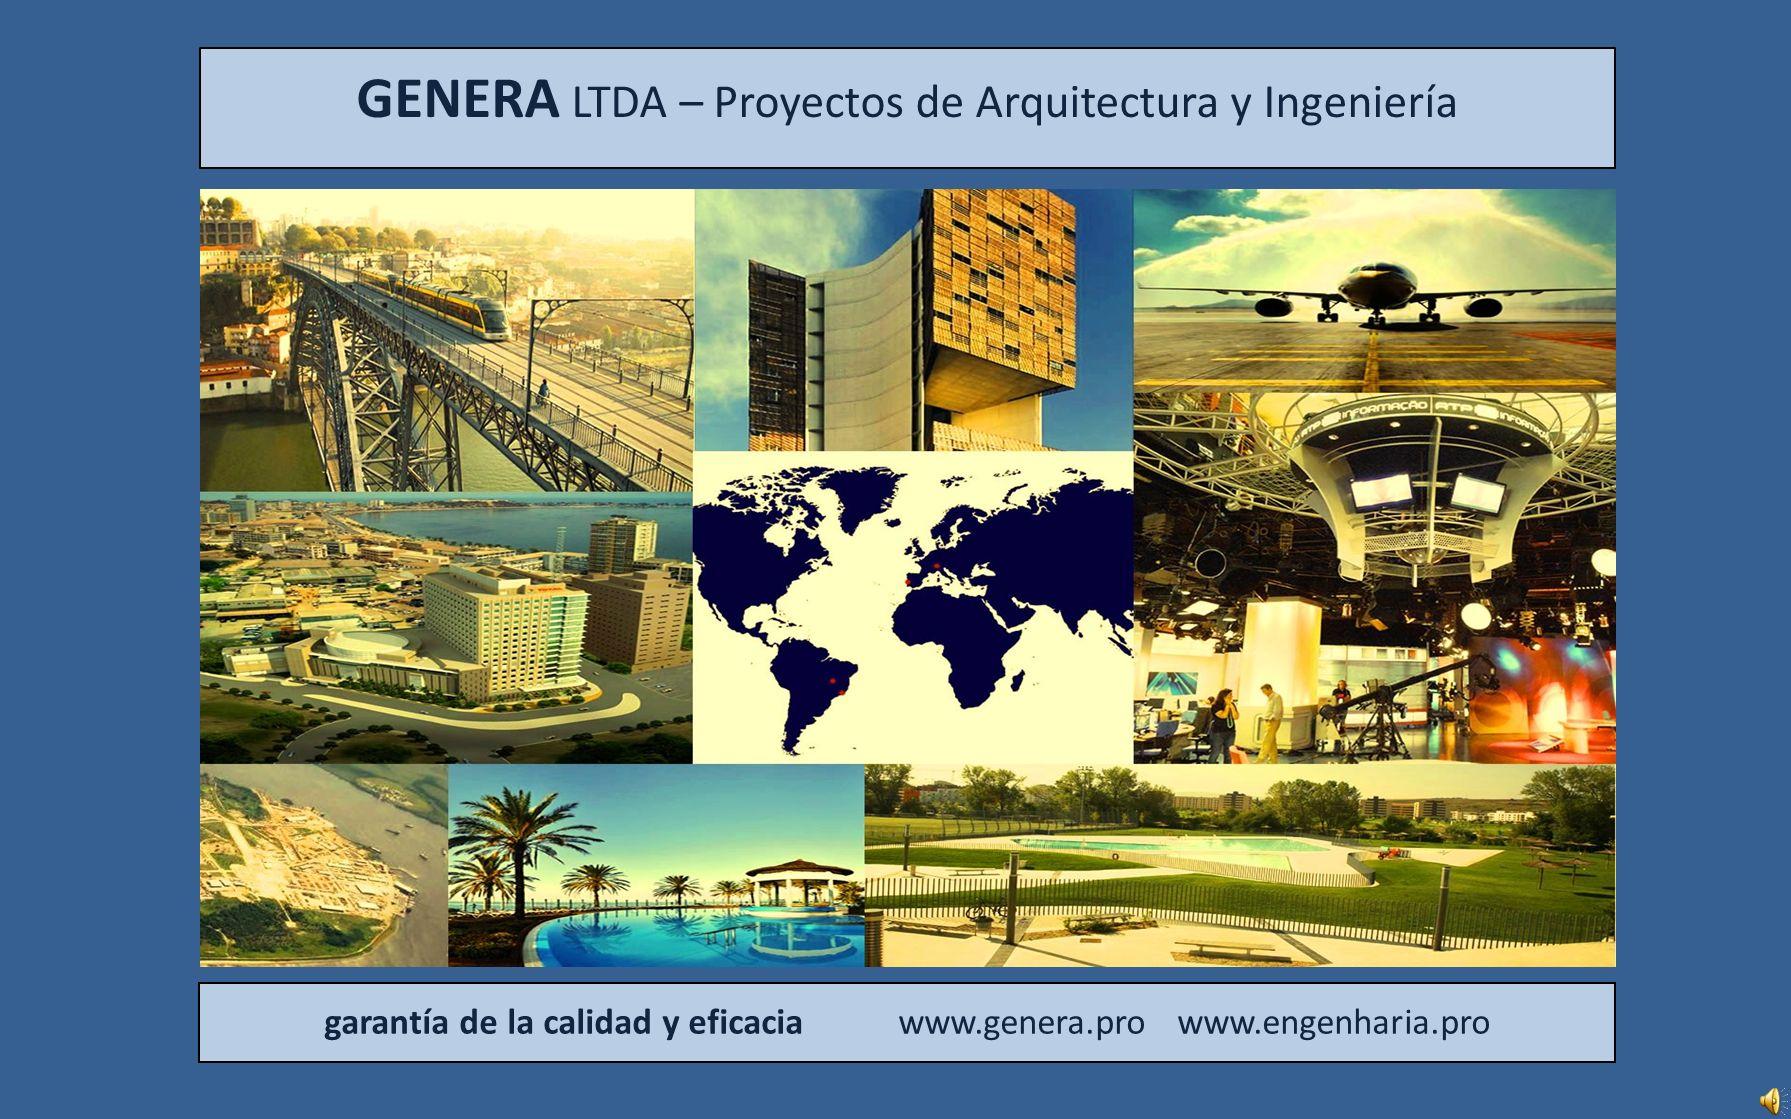 21 genera Centro de difusión RTP – Lisboa – Portugal Consultoría y revisión de proyectos de ingeniería del centro de difusión internacional de Radio y Televisión de Portugal.